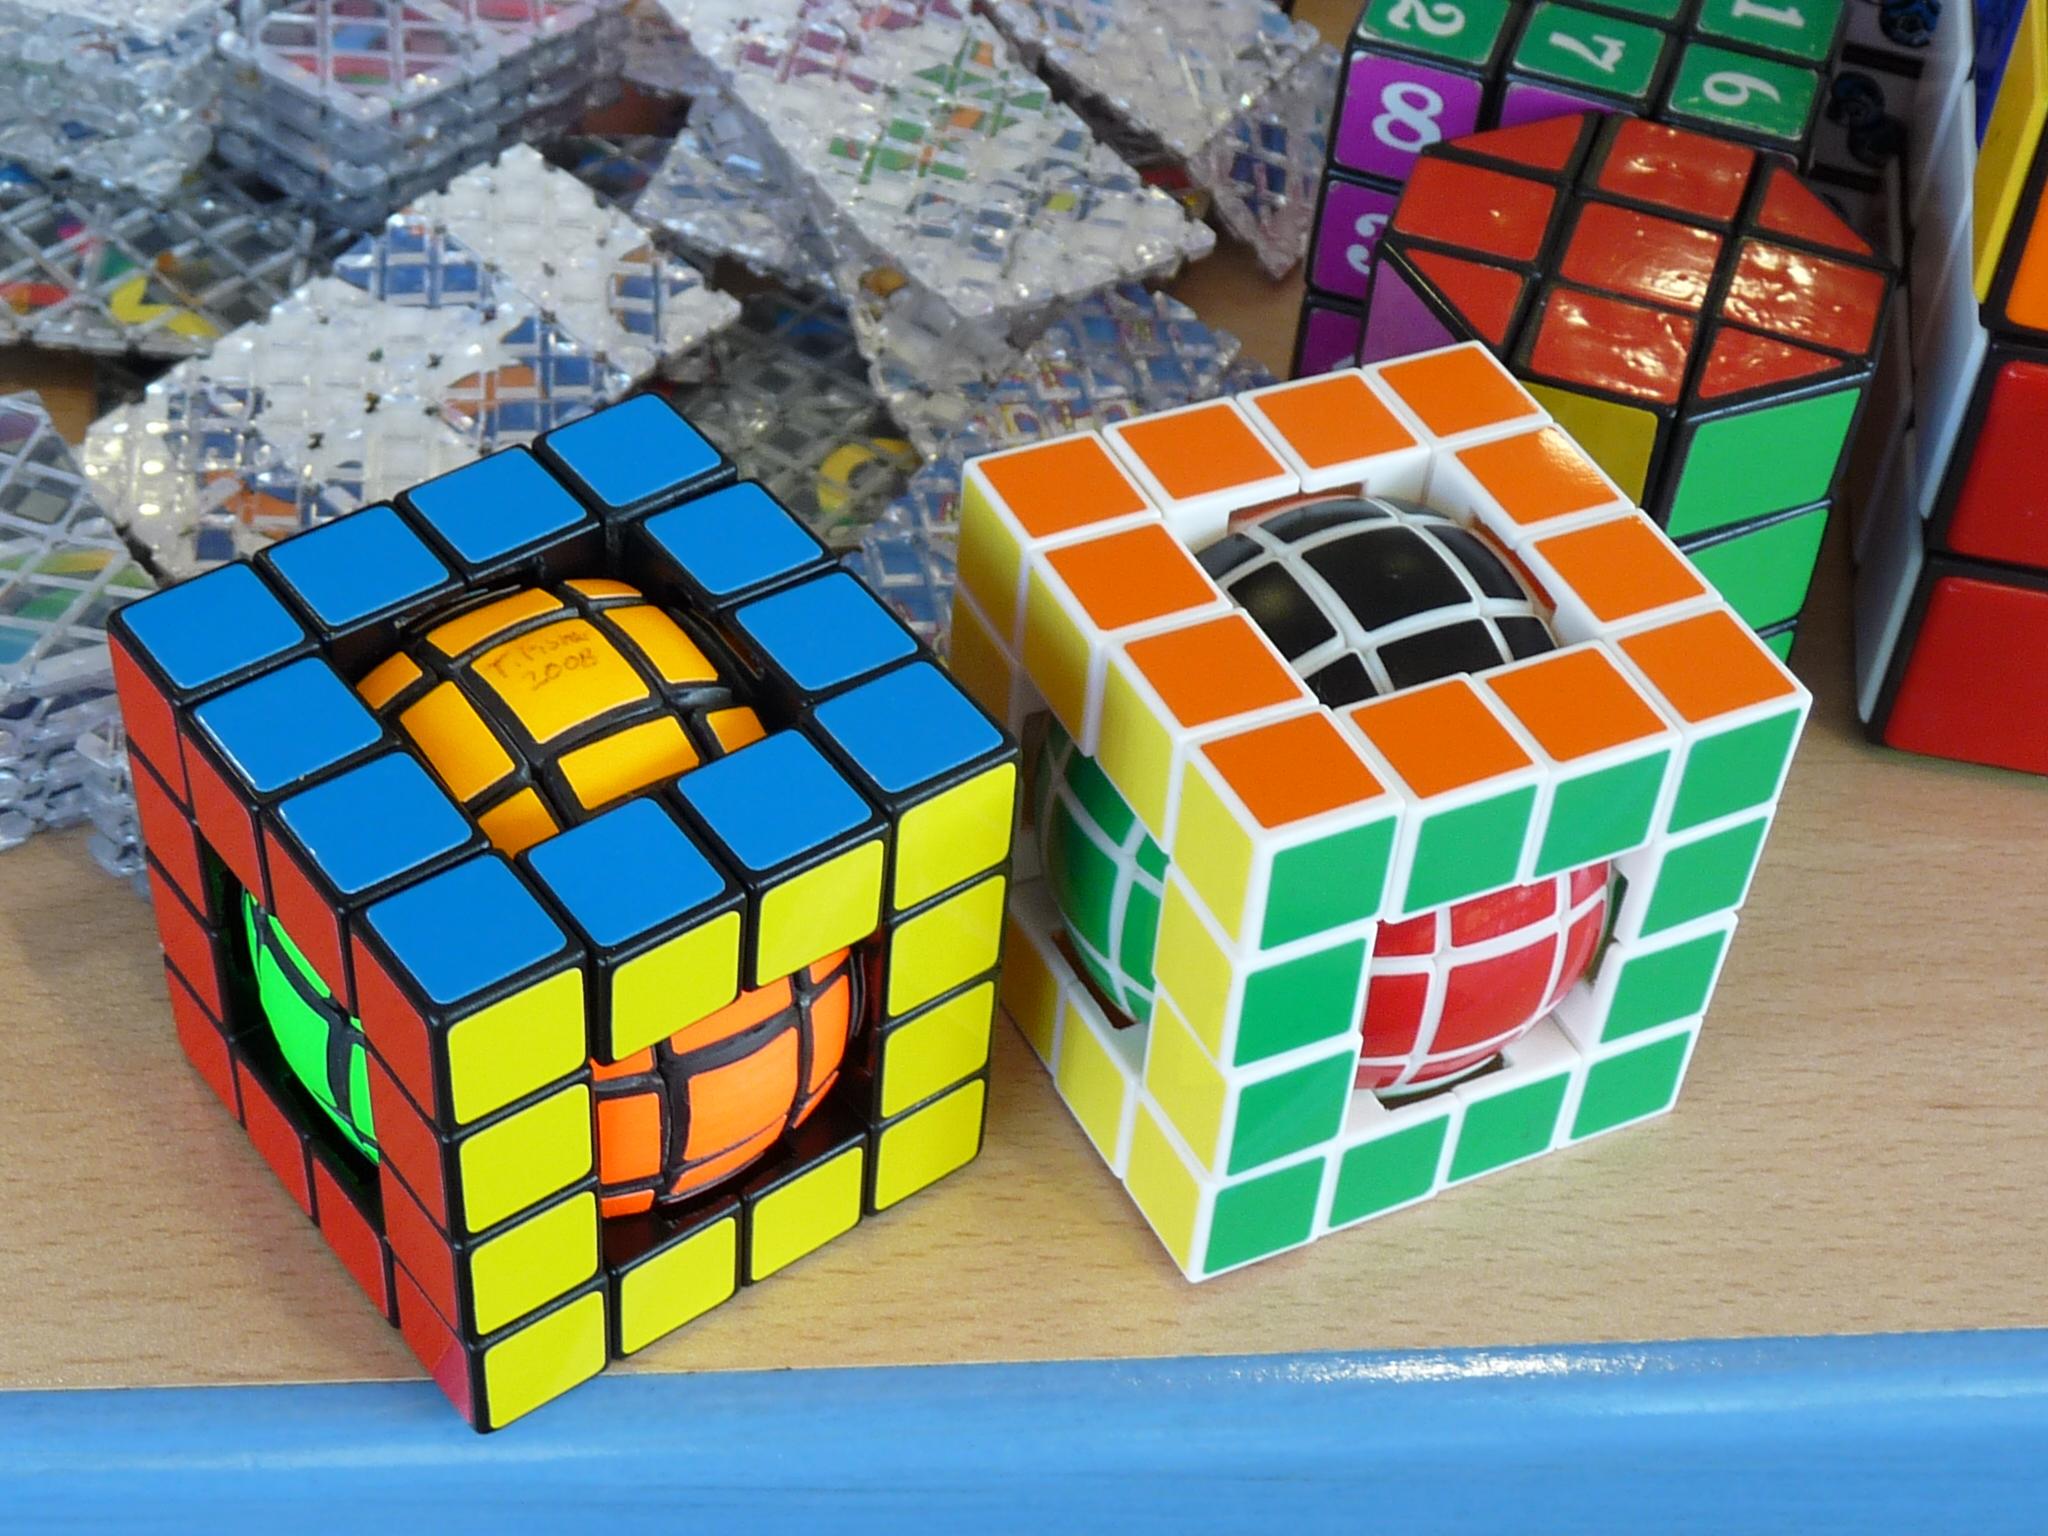 Ball-in-a-Cube – Tony Fisher stânga, Claudiu Kuharek dreapta